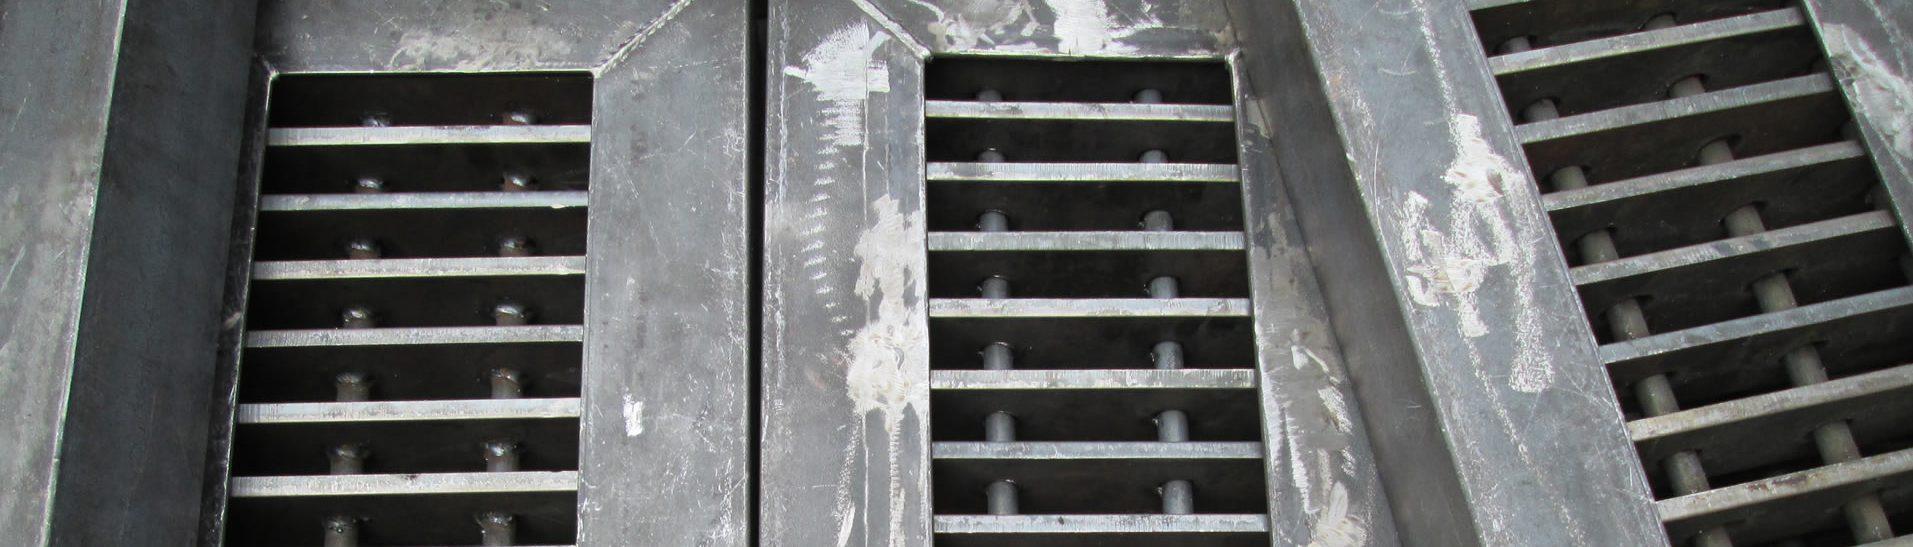 Rejilla metálico para cárcamo